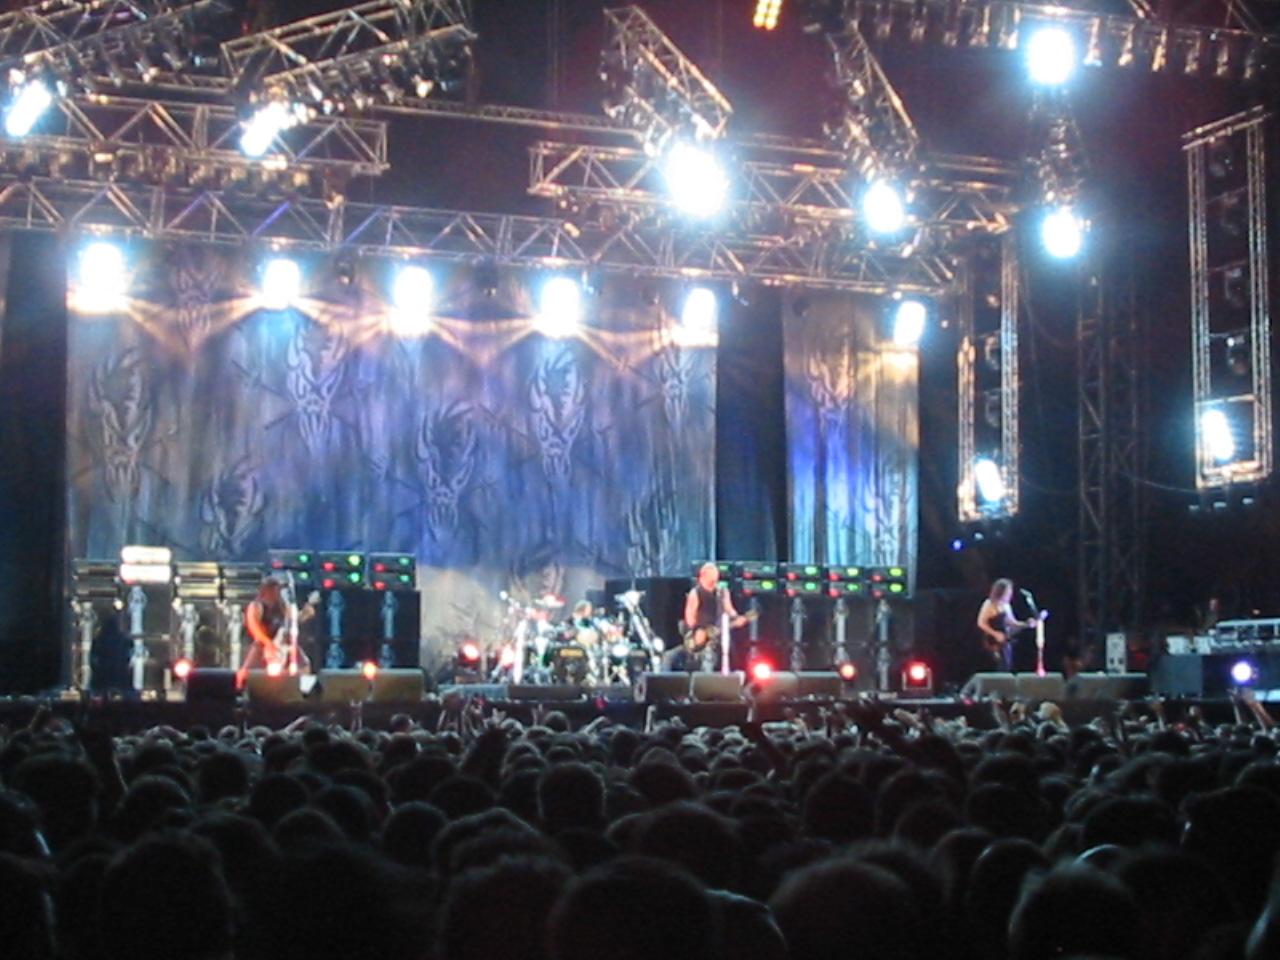 Fotografía: Metallica concierto en España en 2003